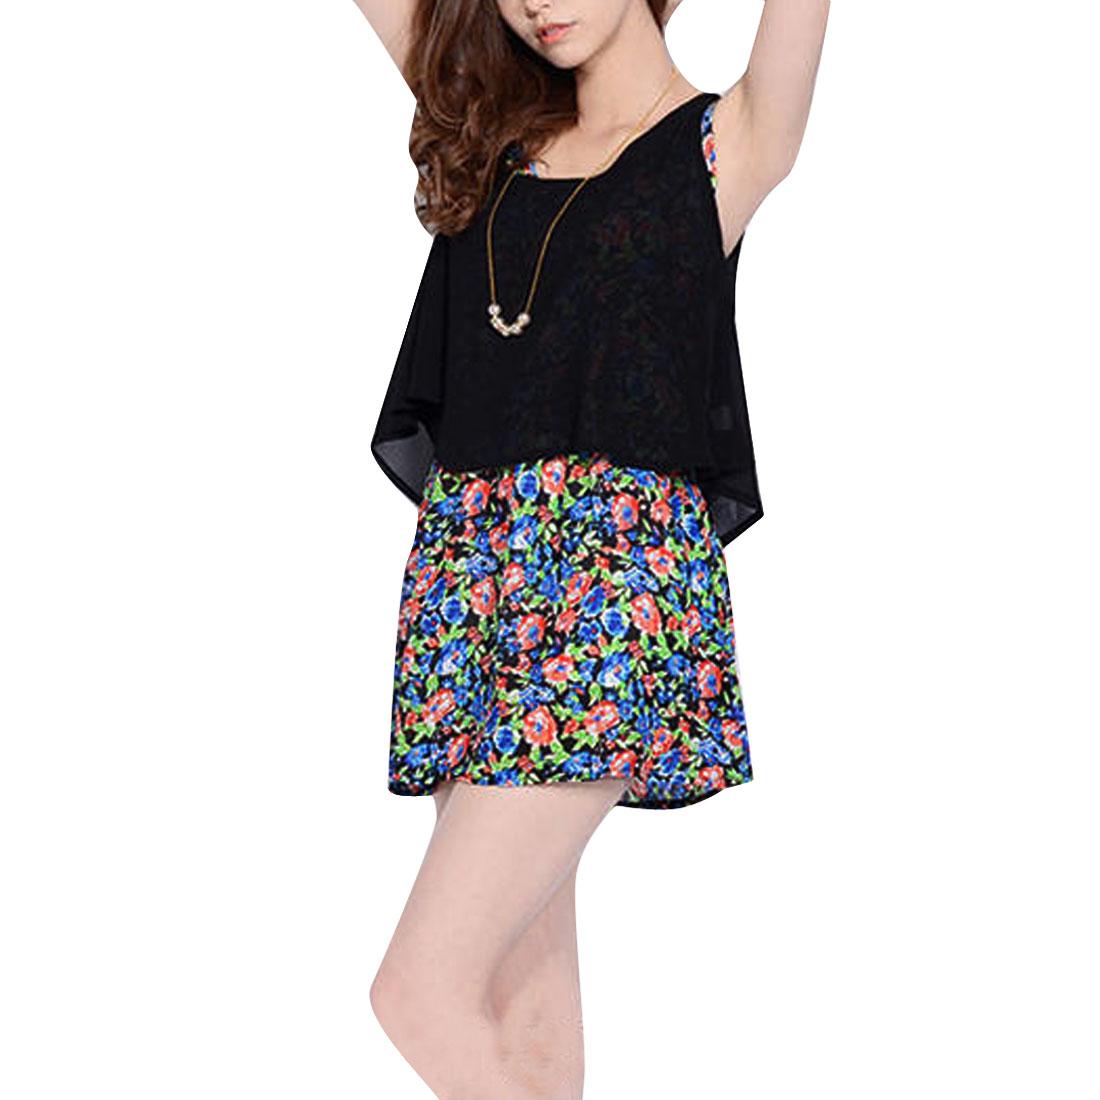 Ladies Floral Prints Elastic Waist Min Dress w Chiffon Tank Top Black XS